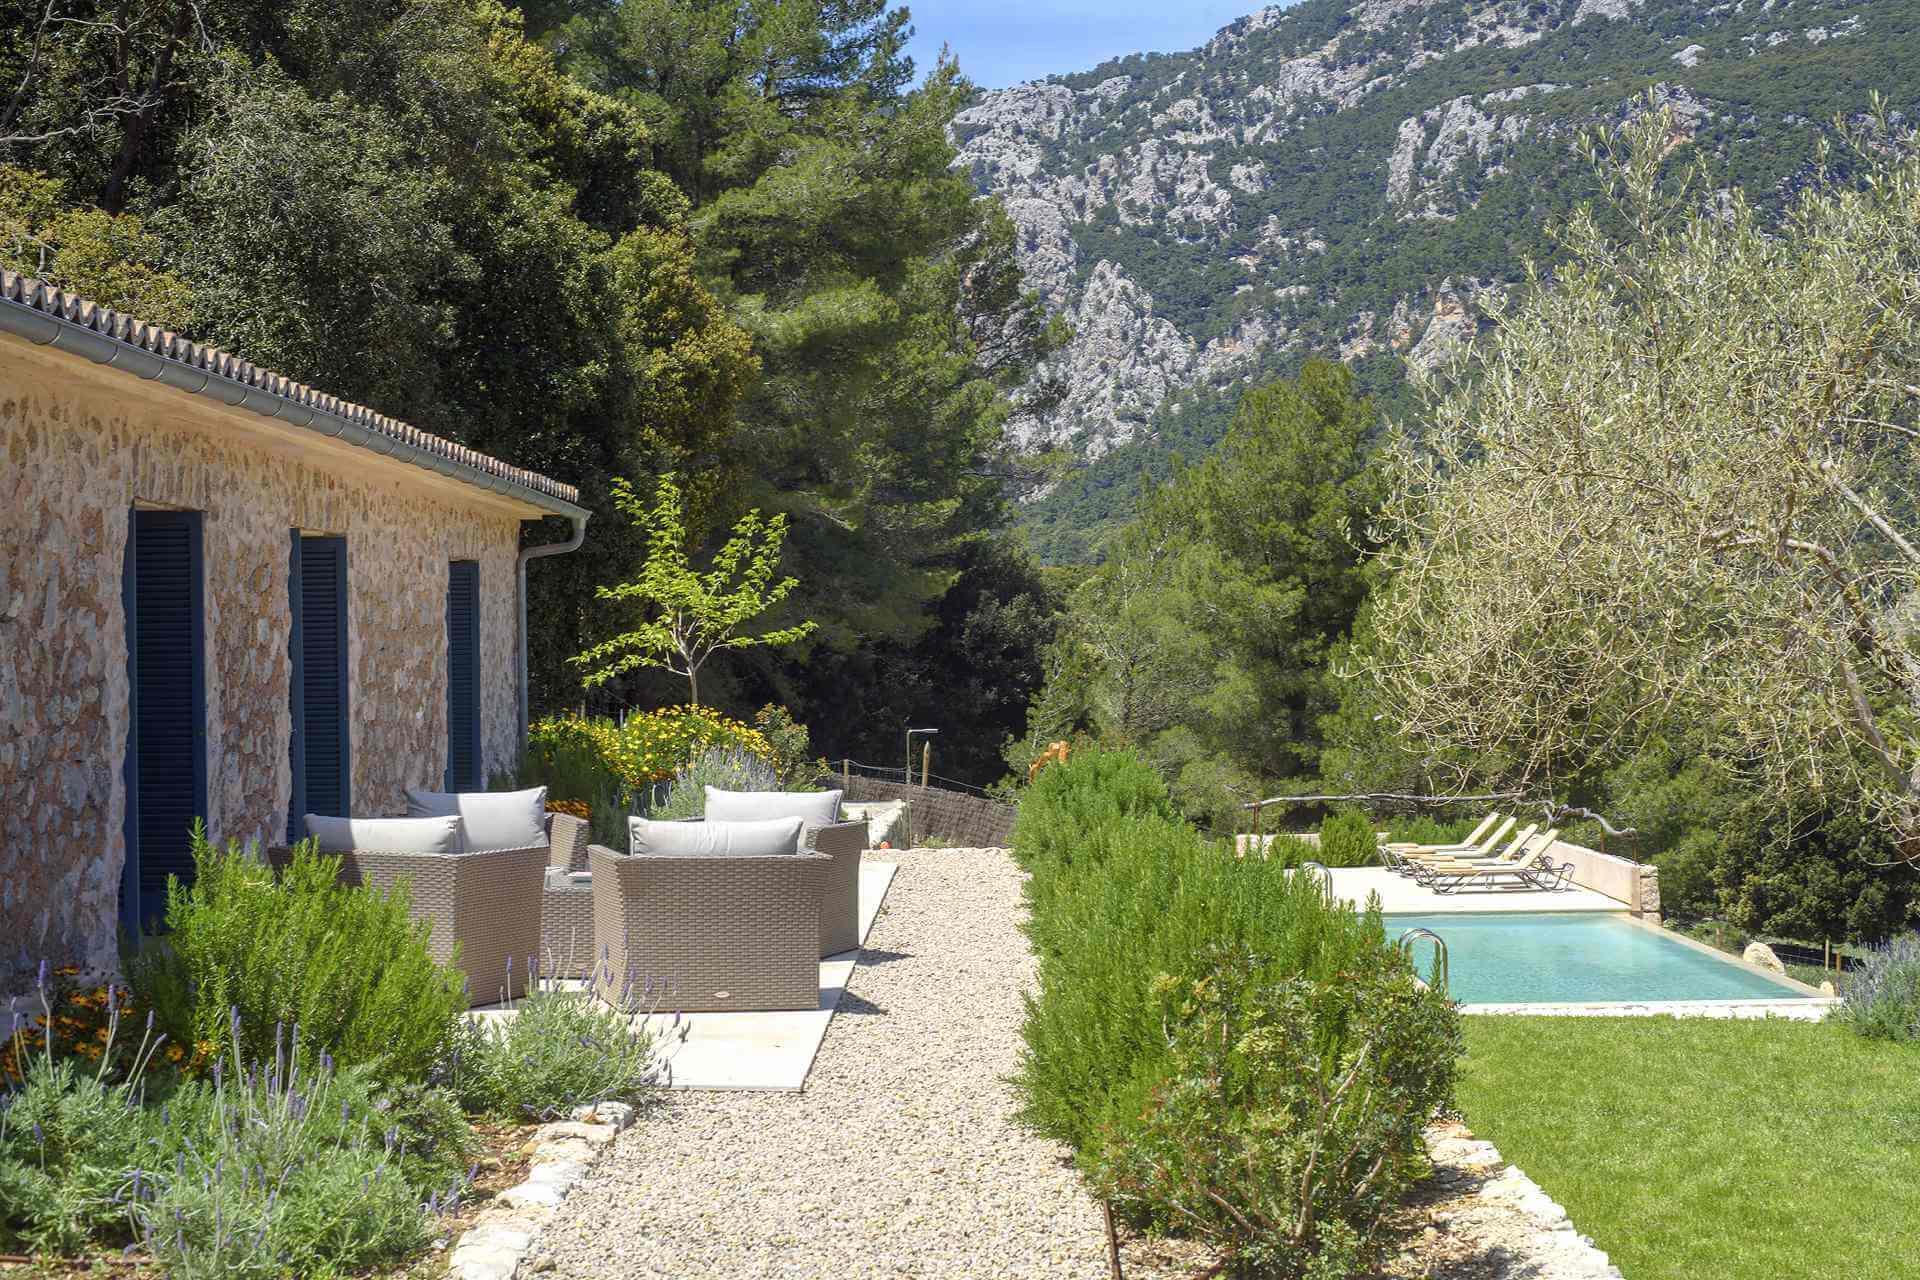 01-339 moderne kleine Finca Mallorca Westen Bild 2